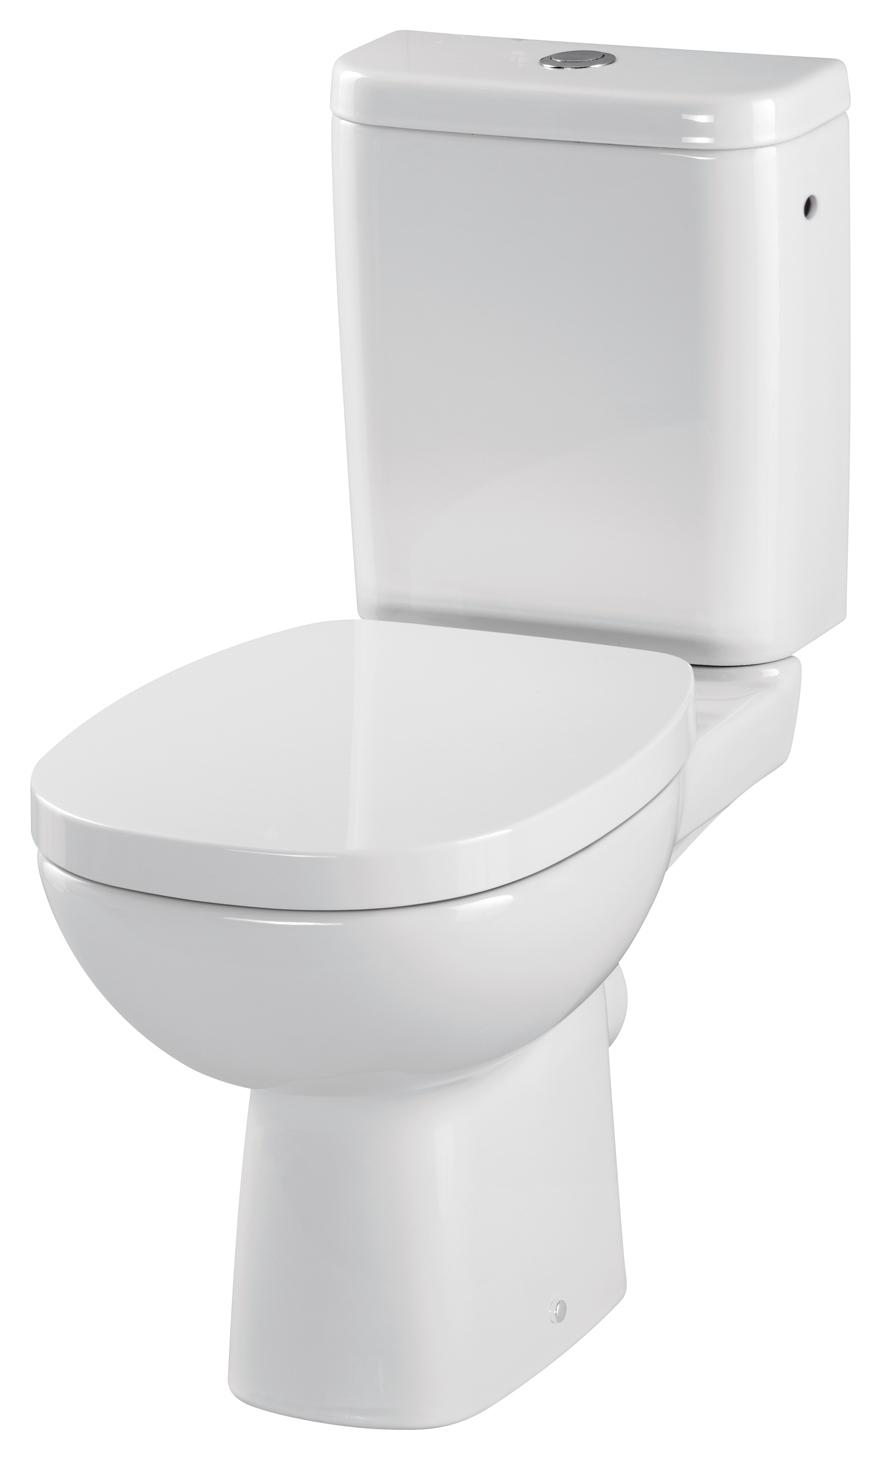 domino keramik stand wc toilette 51068 ohne wc sitz tiefsp ler bodenstehend ebay. Black Bedroom Furniture Sets. Home Design Ideas